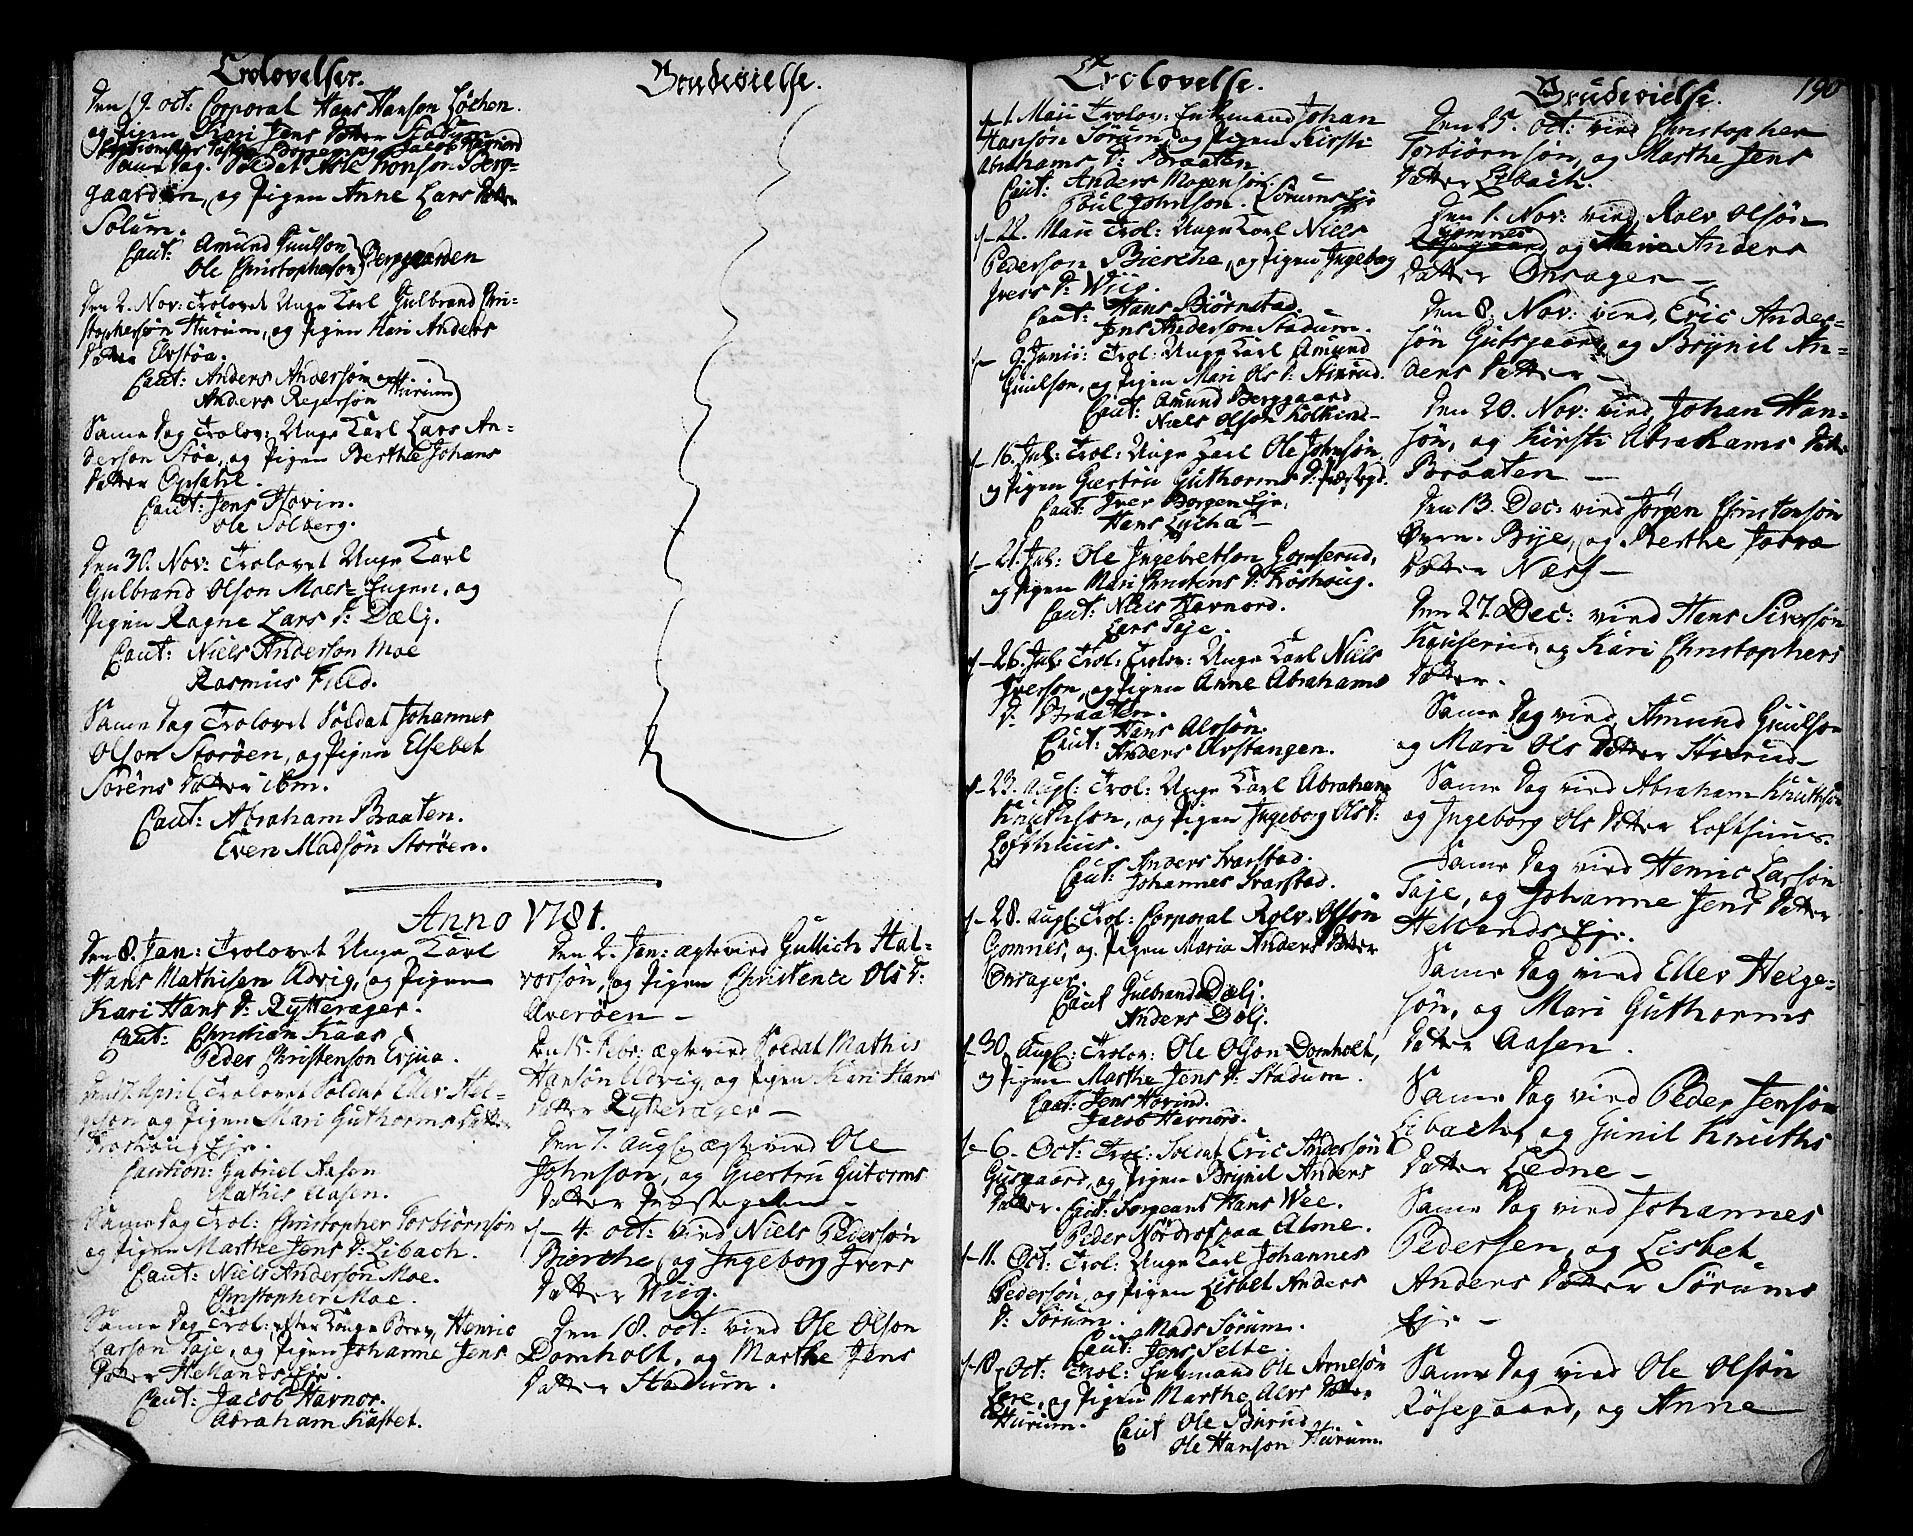 SAKO, Hole kirkebøker, F/Fa/L0002: Parish register (official) no. I 2, 1766-1814, p. 190